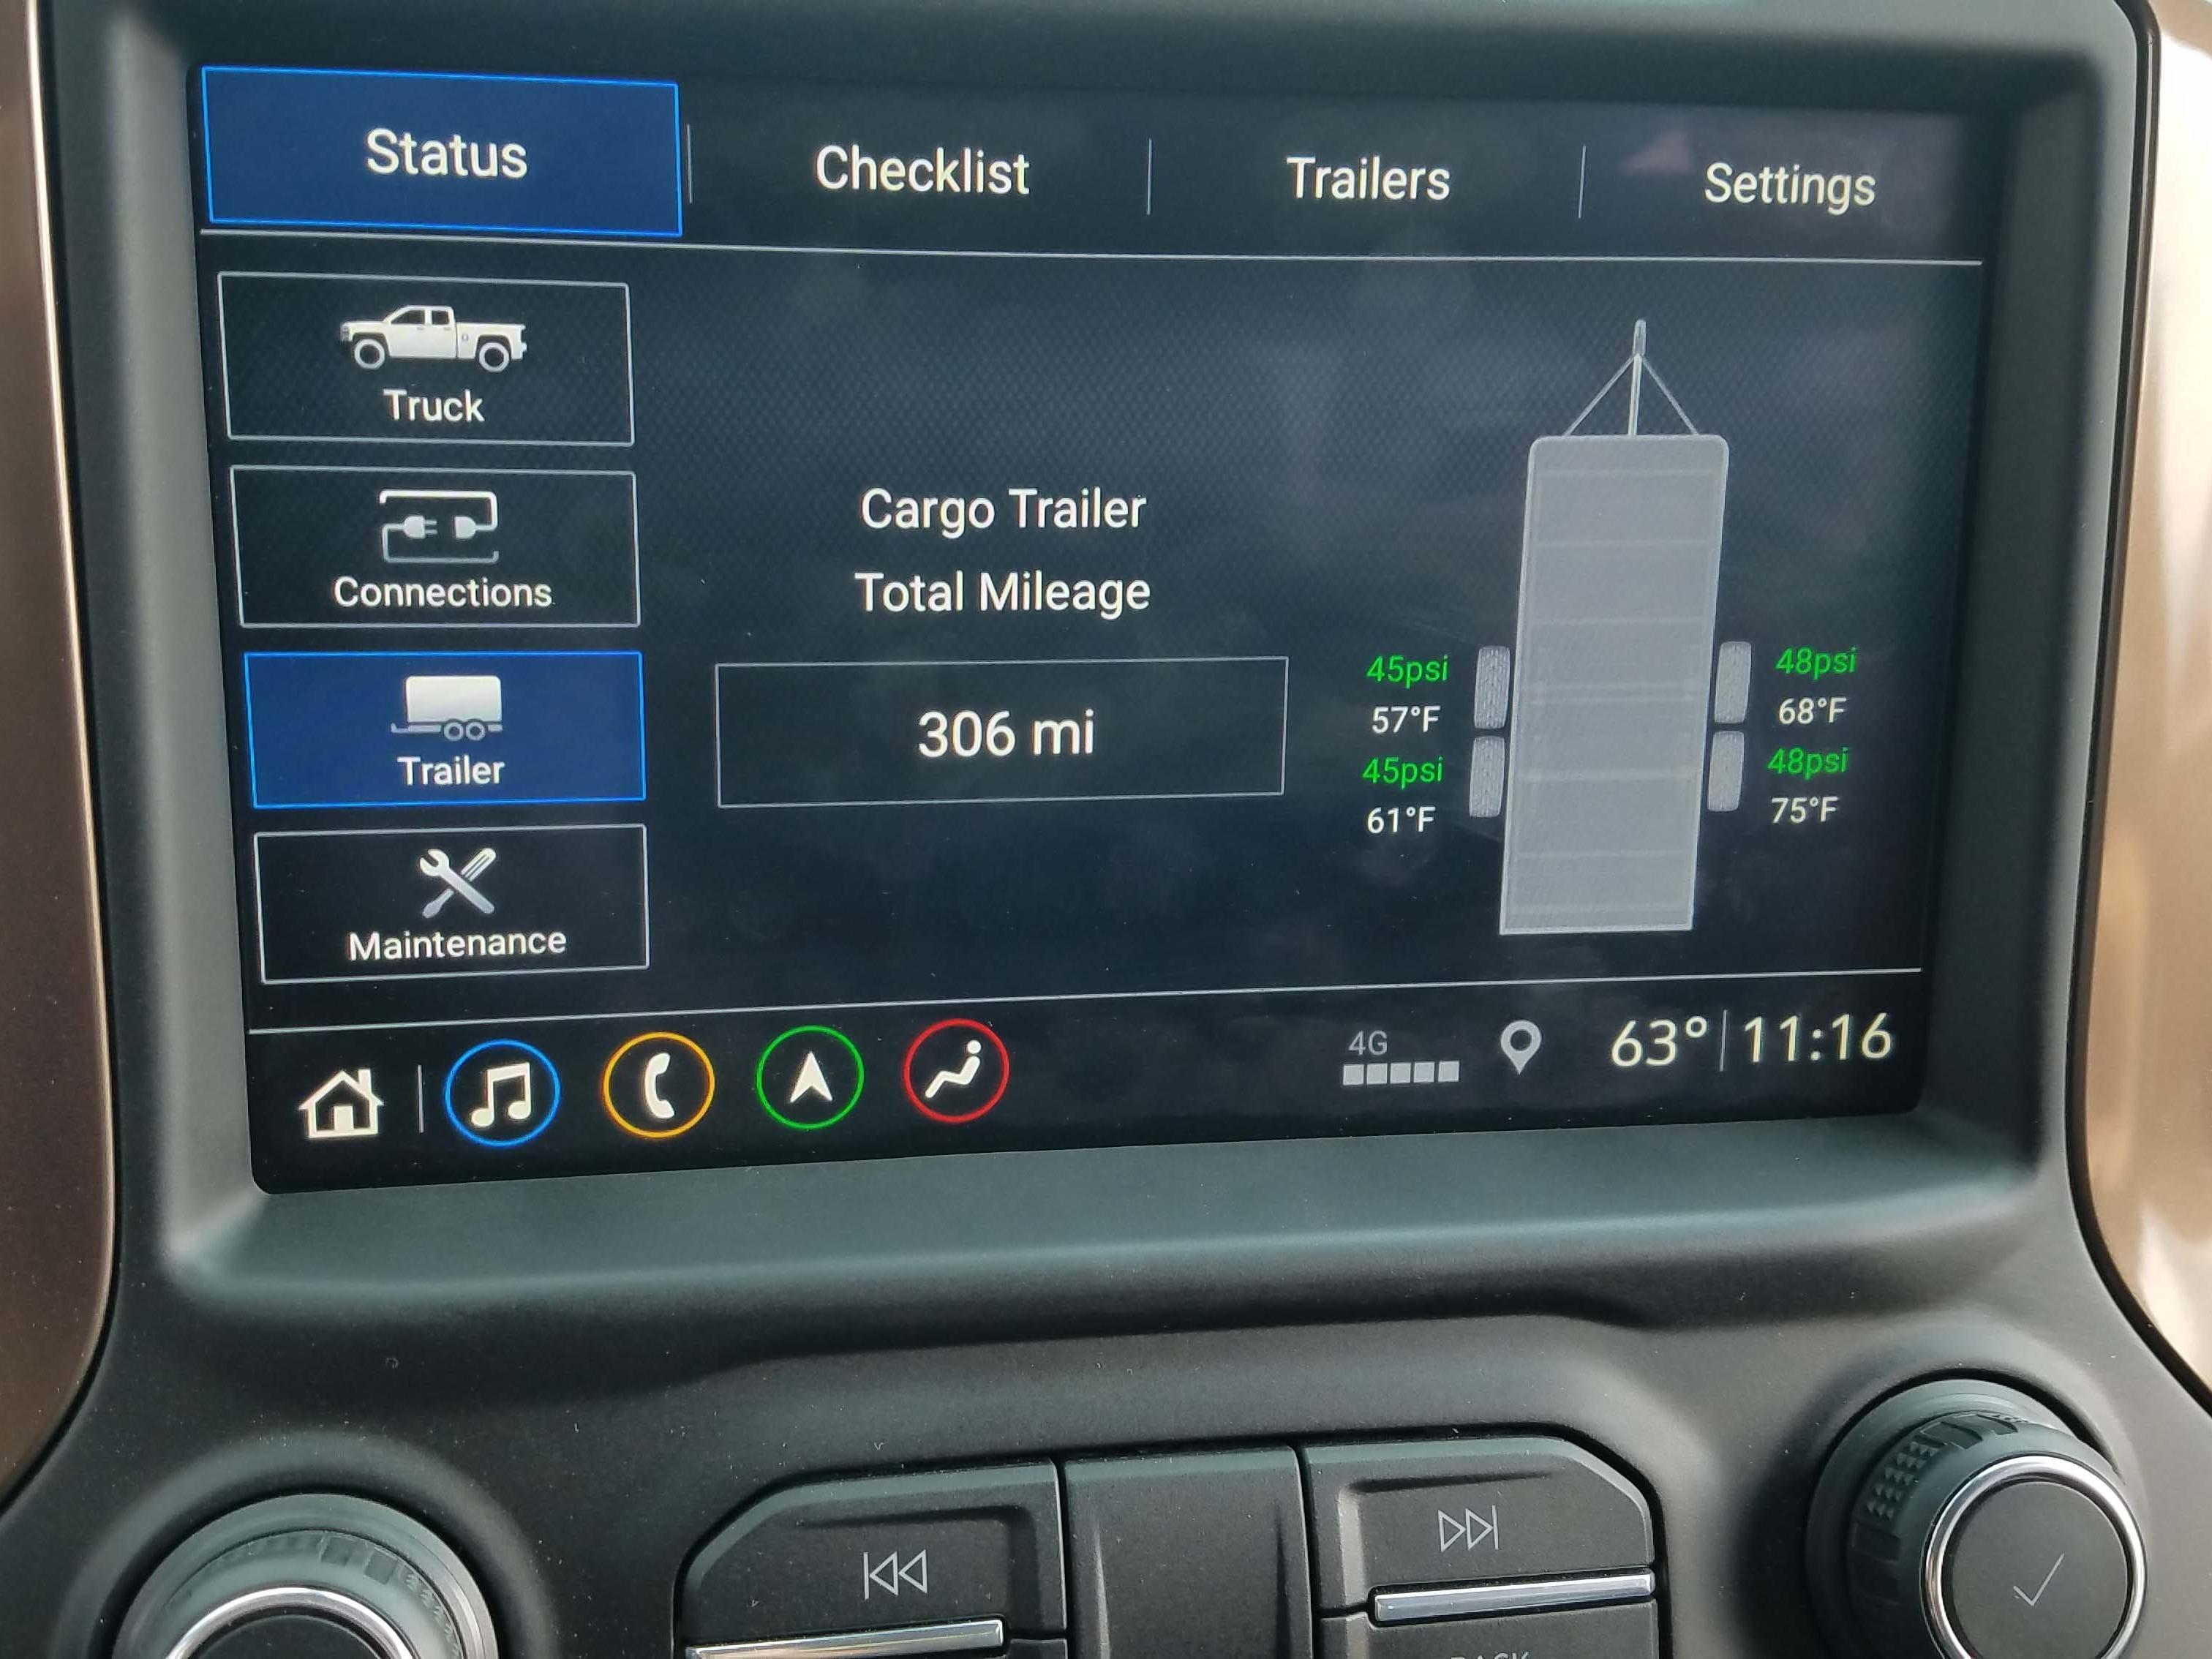 The 2019 Chevy Silverado will monitor the trailer's tire pressures.